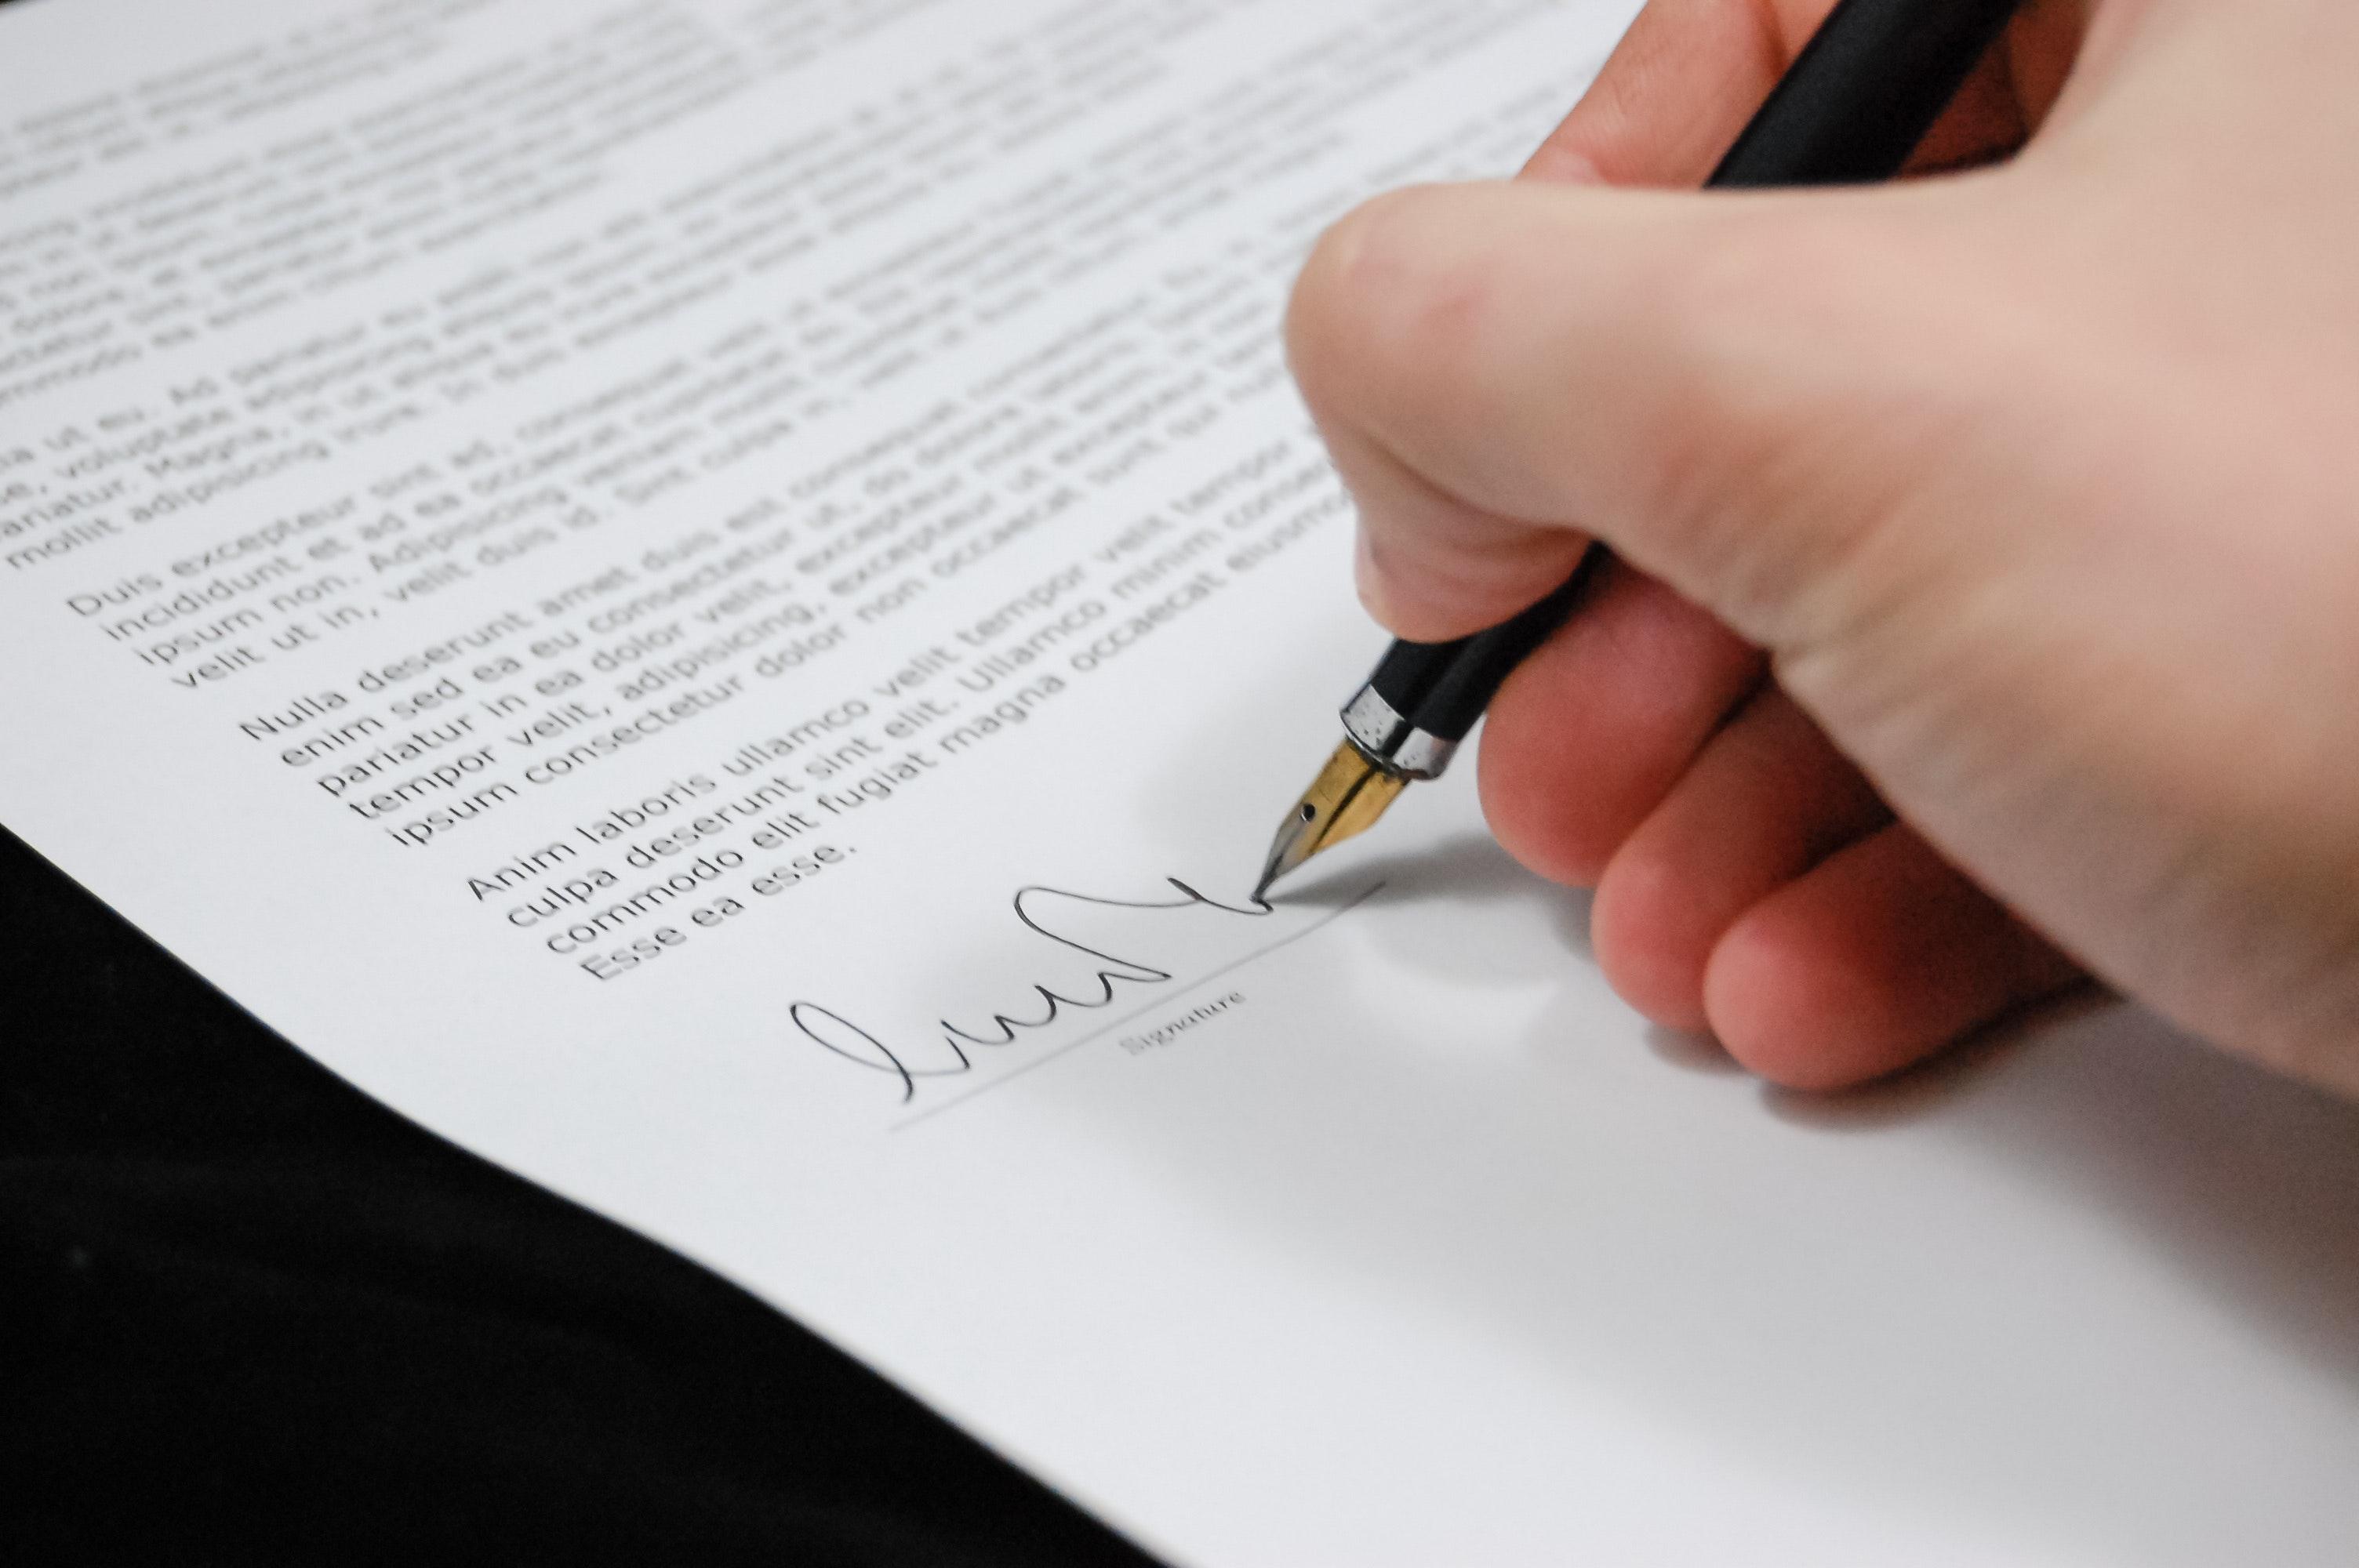 יפוי כוח מתי זה זמן טוב לחתום עליו